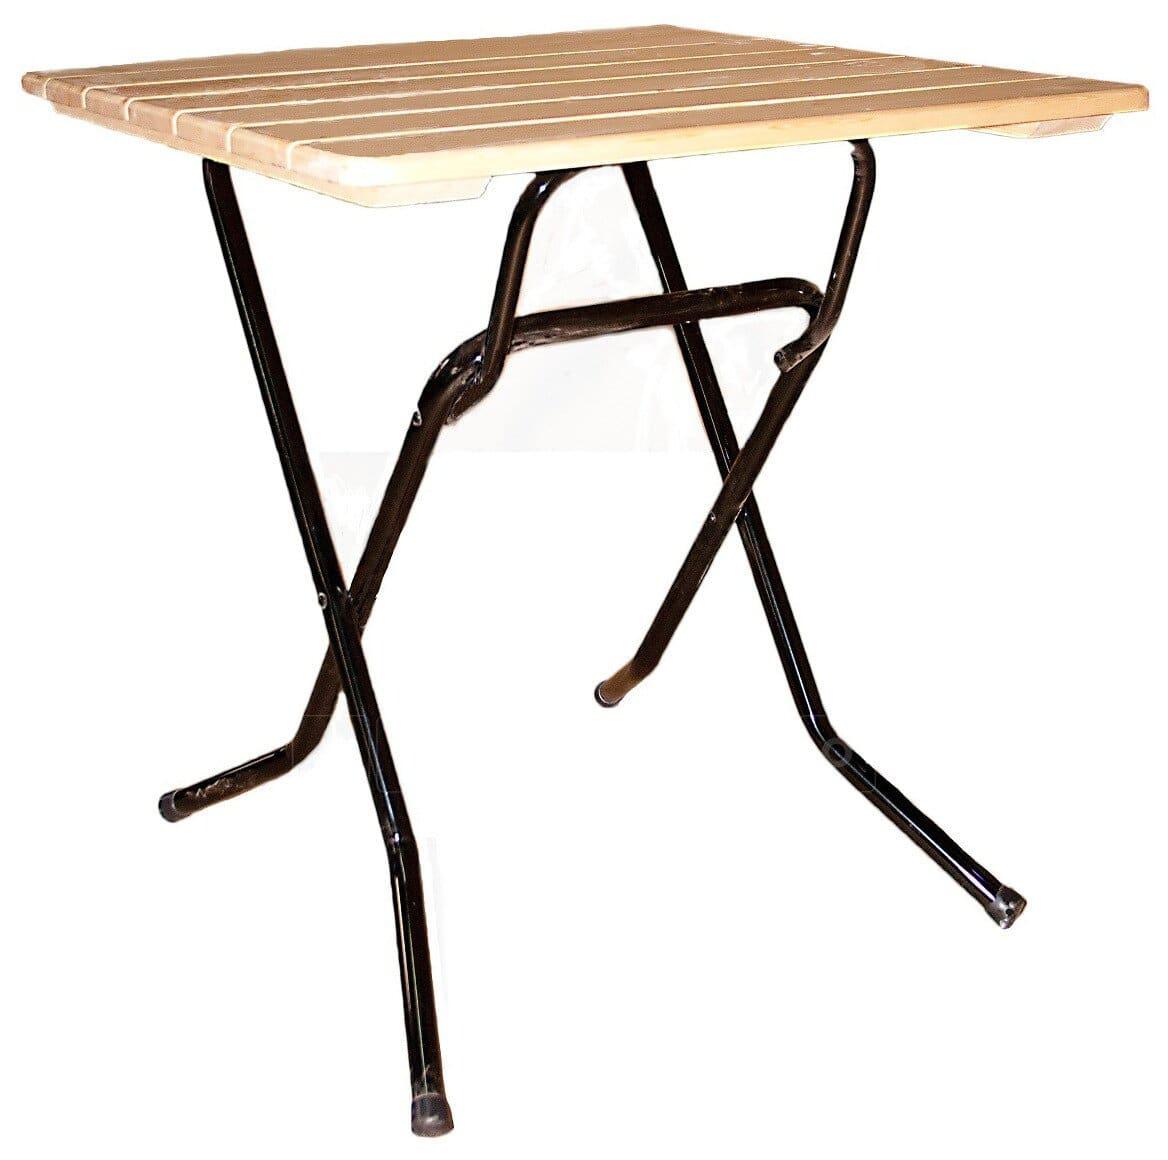 Складной стол Рейка квадратный 70 х 70 см. фото 1 | интернет-магазин Складно